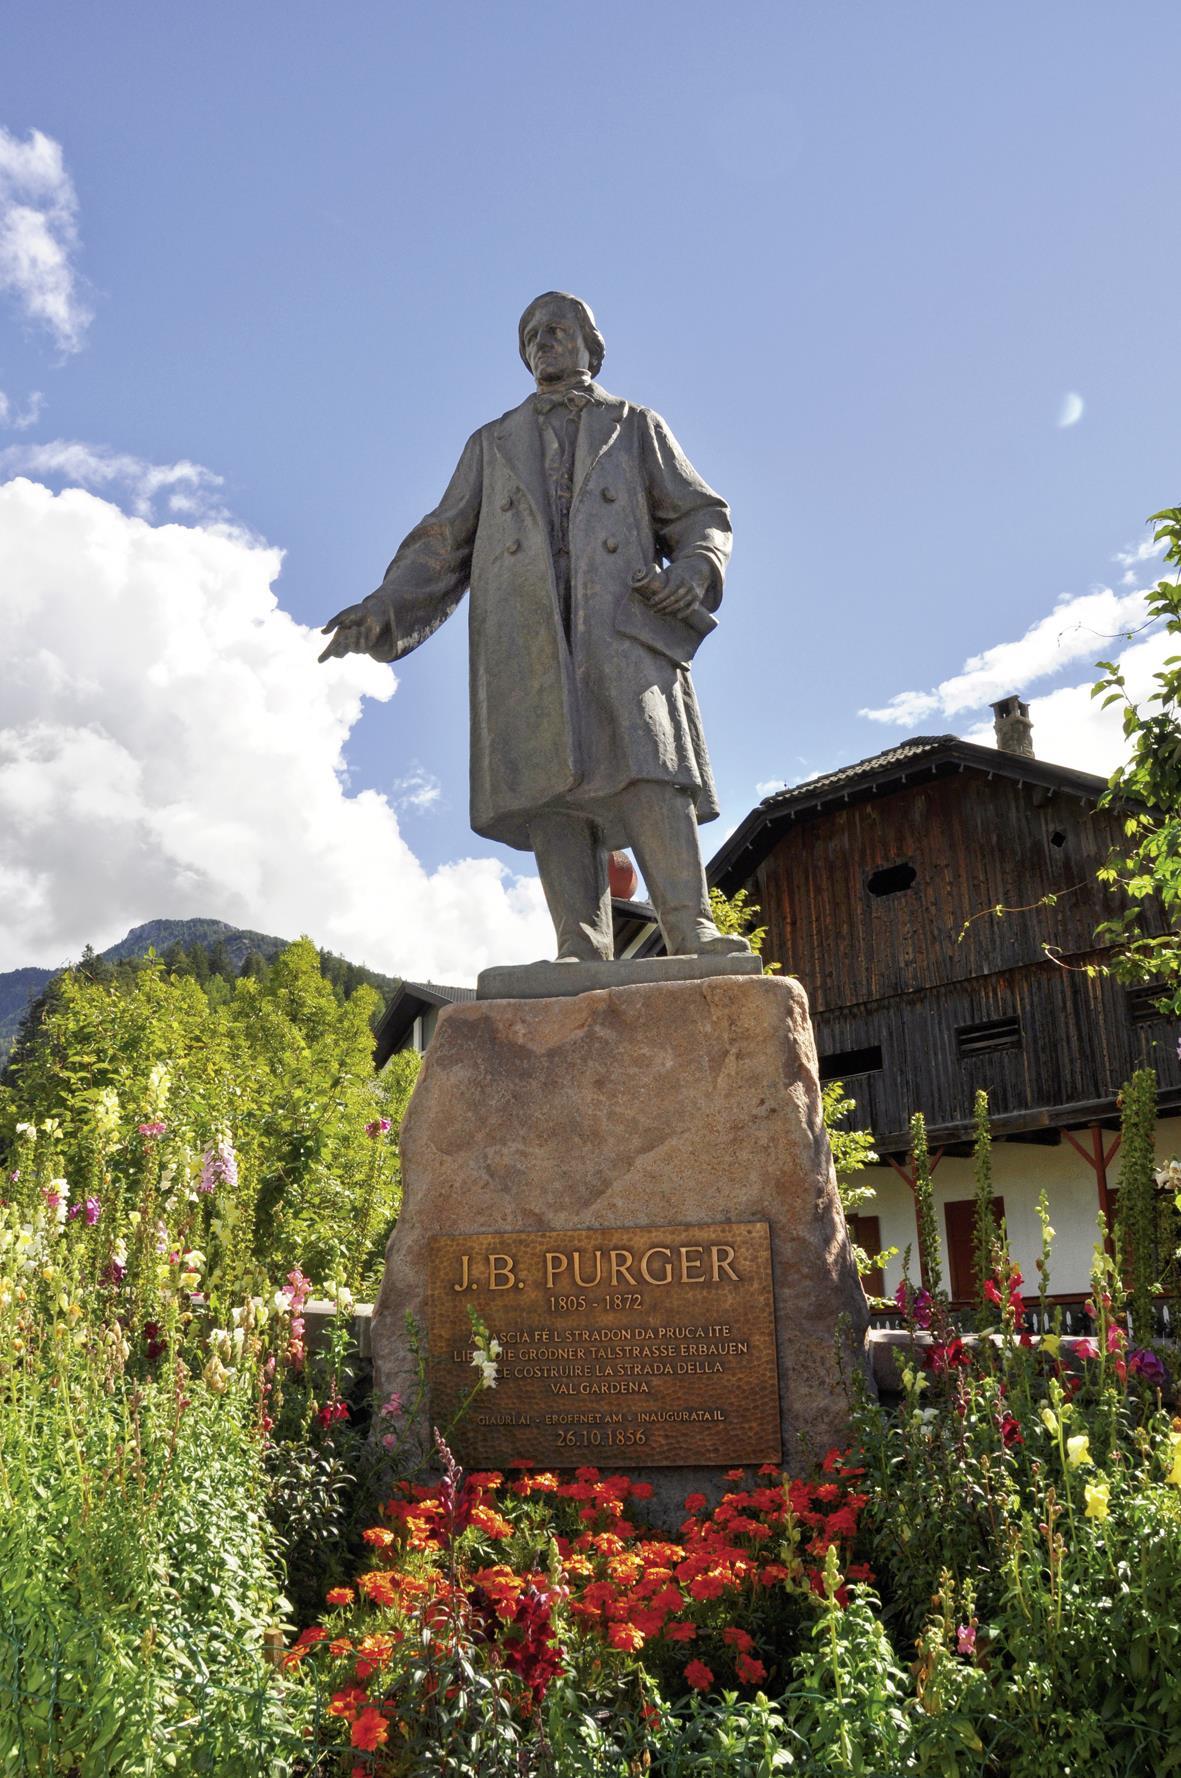 Purger Memorial